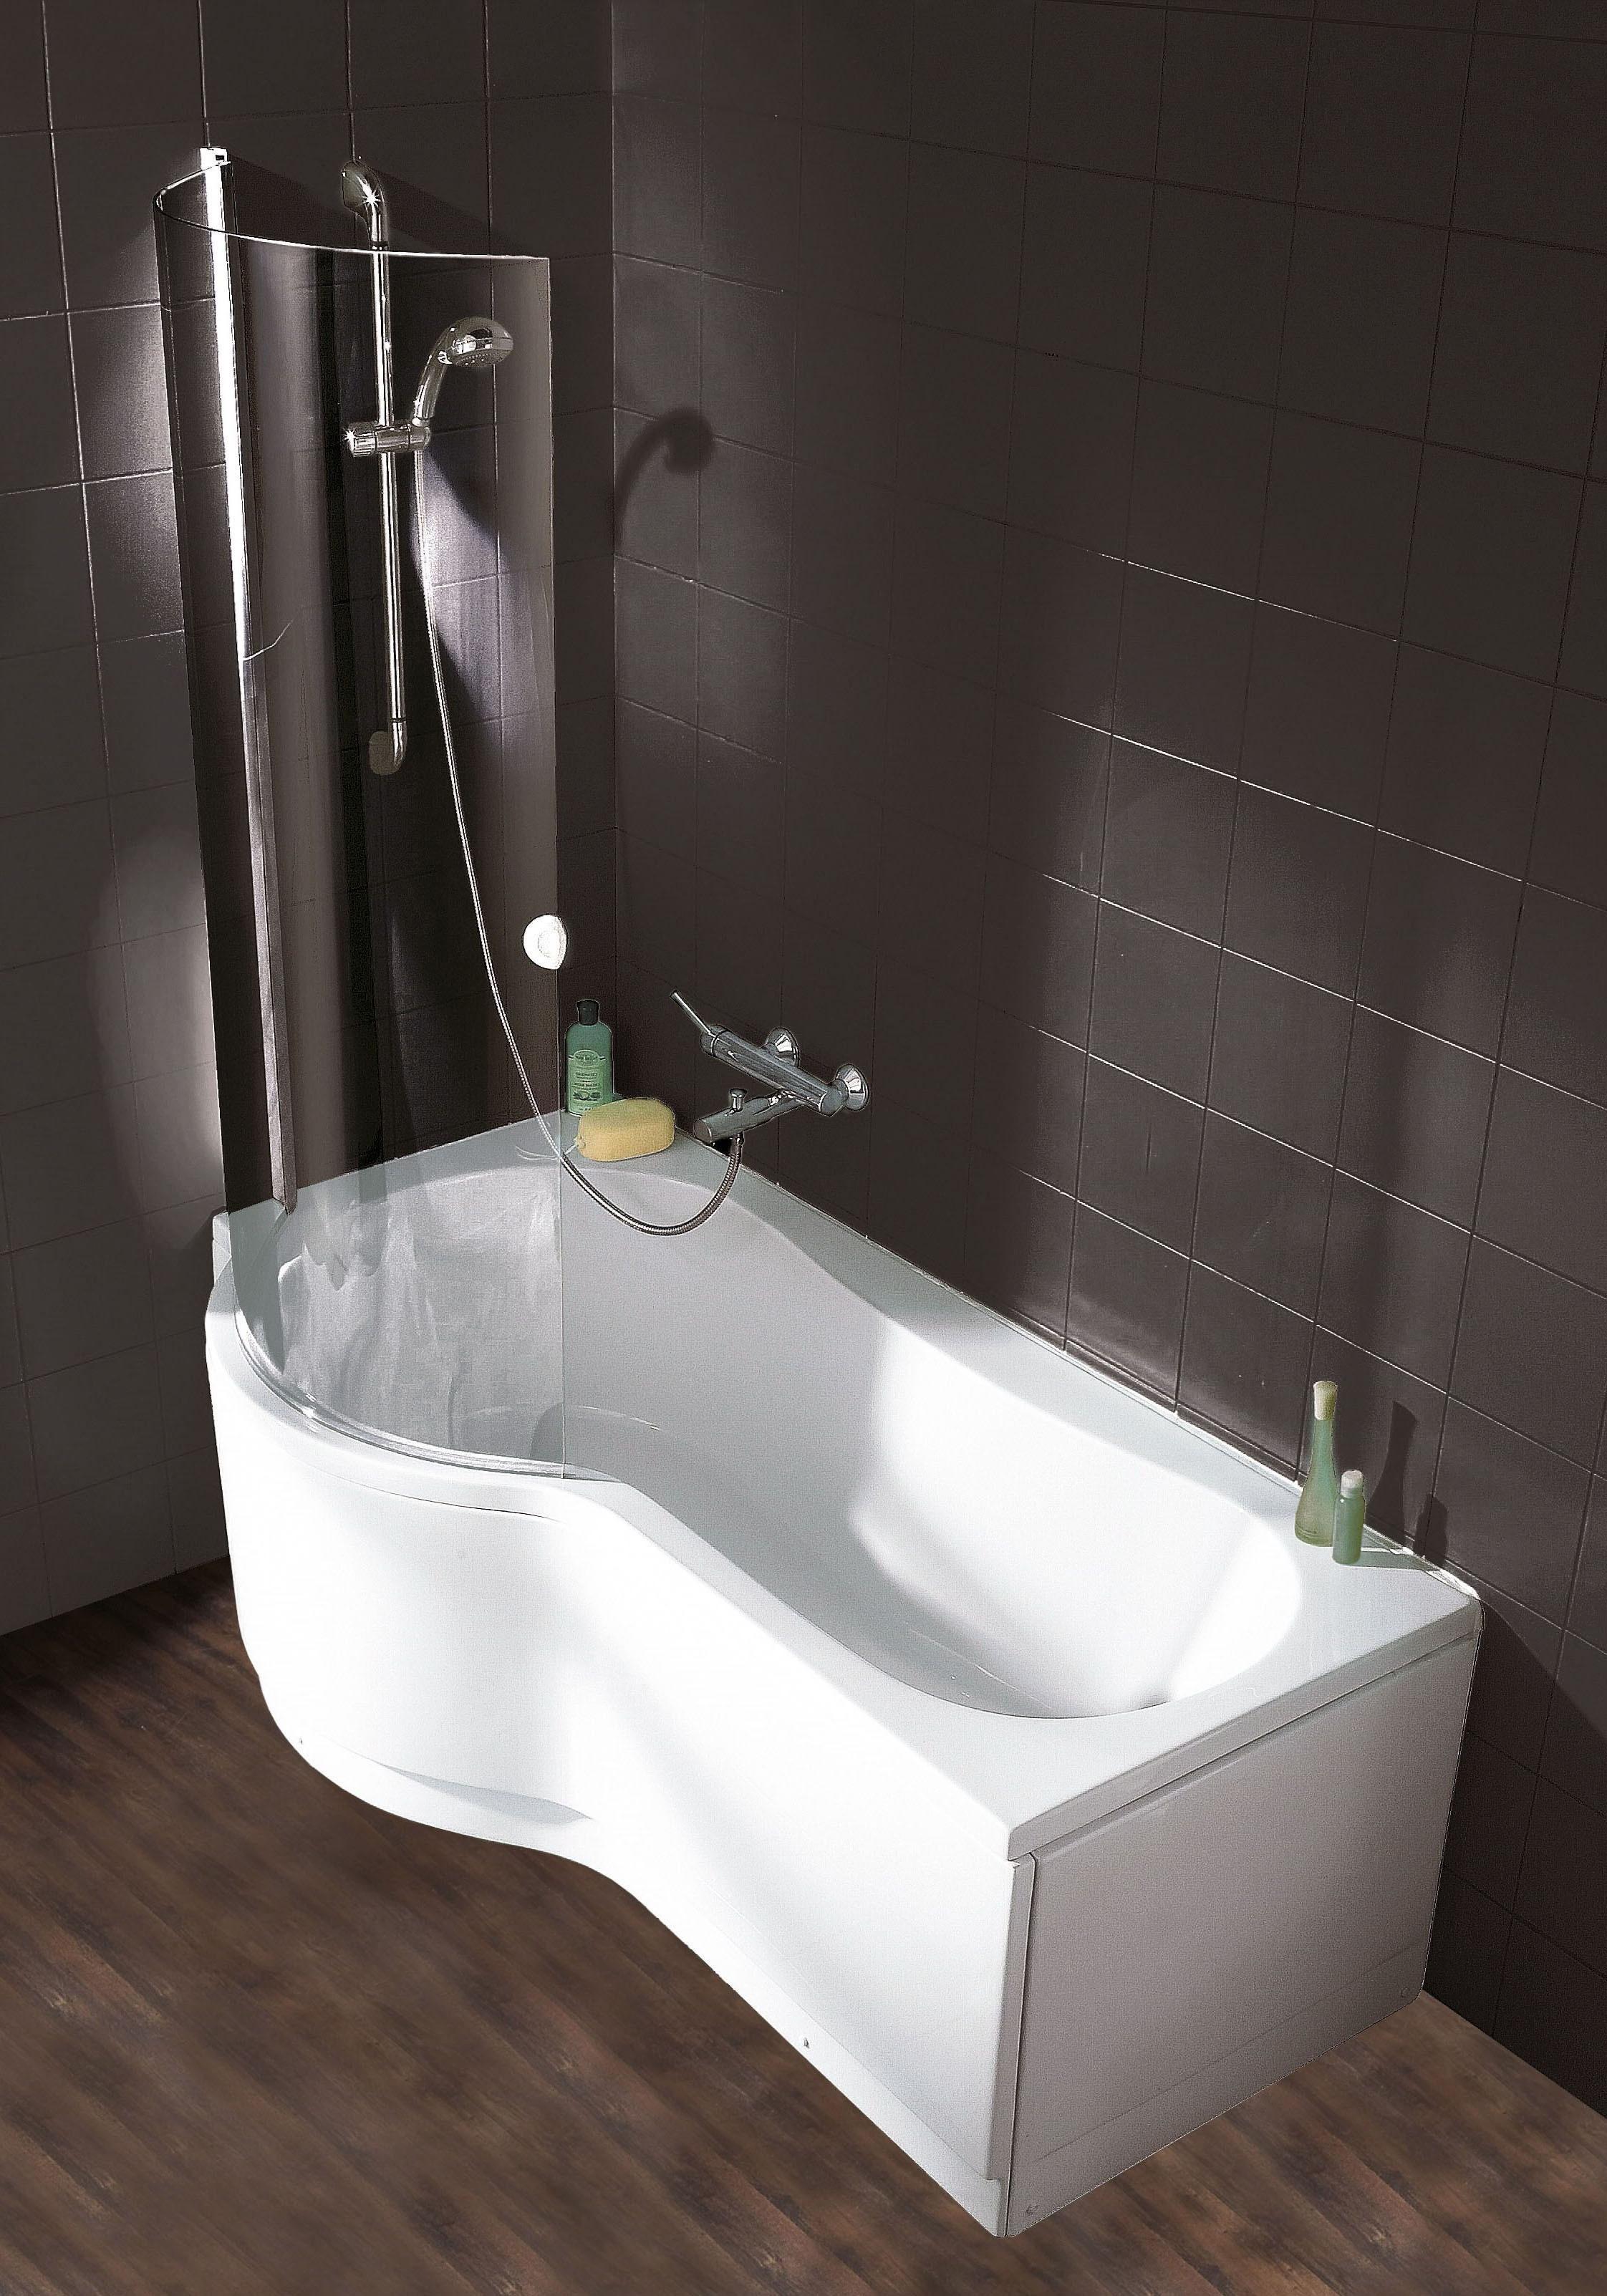 Schulte Wannen-Dusch-Kombination, B/T/H in cm: 170/70/197, Sicherheitsglas  bestellen | BAUR